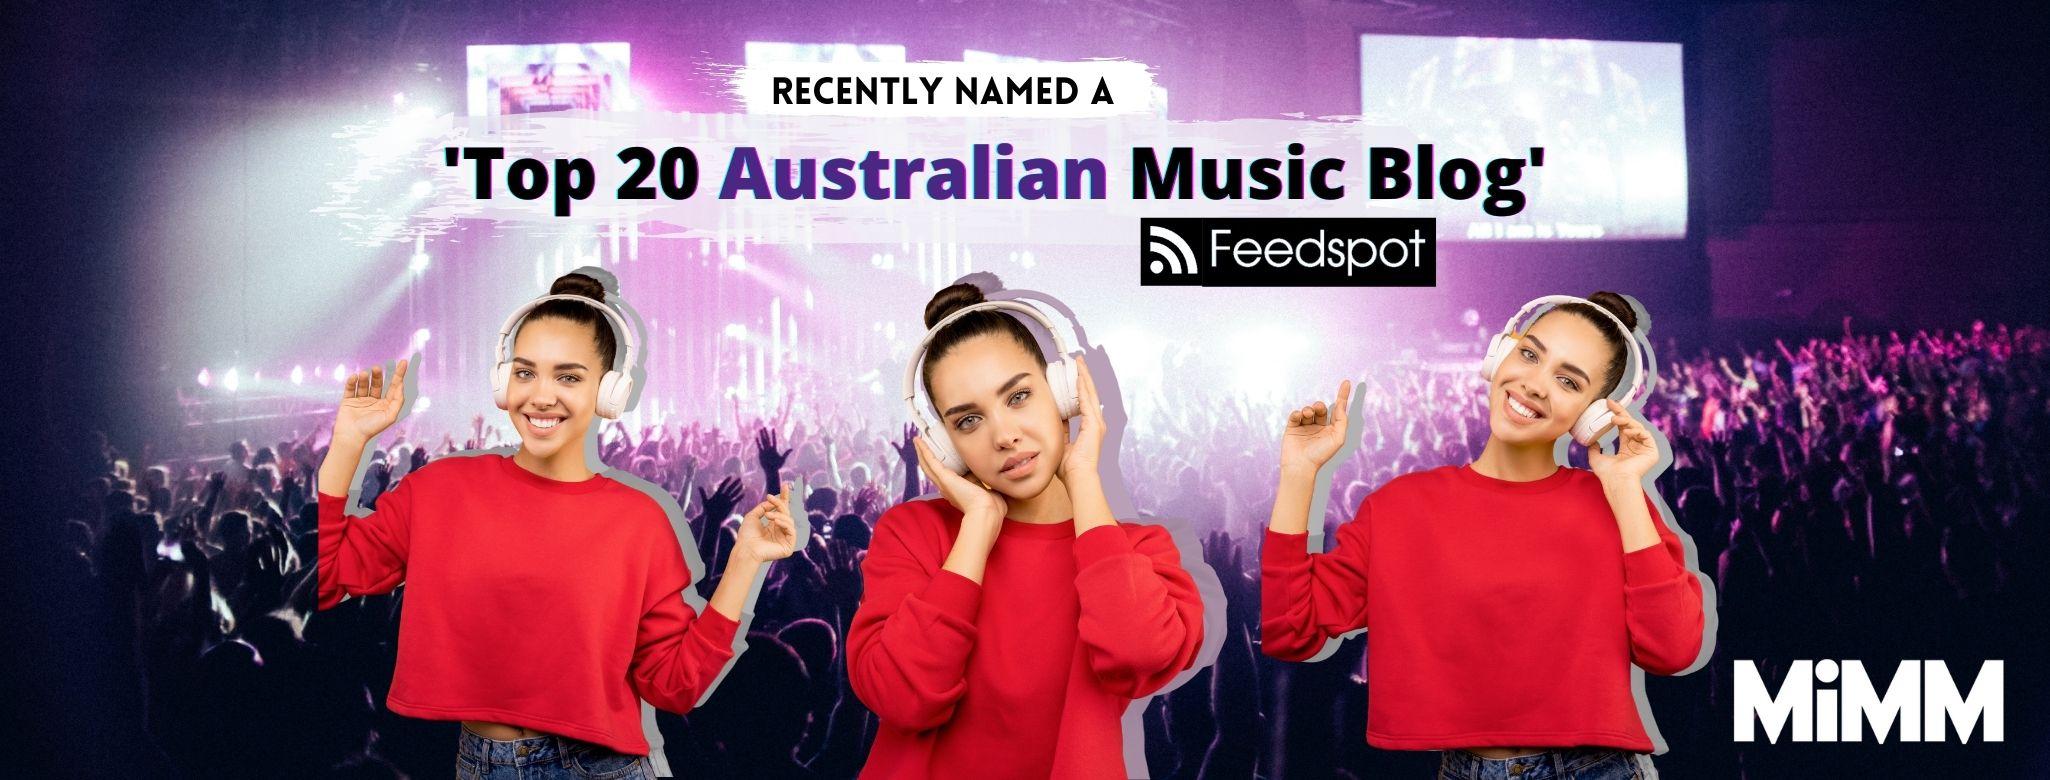 Australian Music Blog